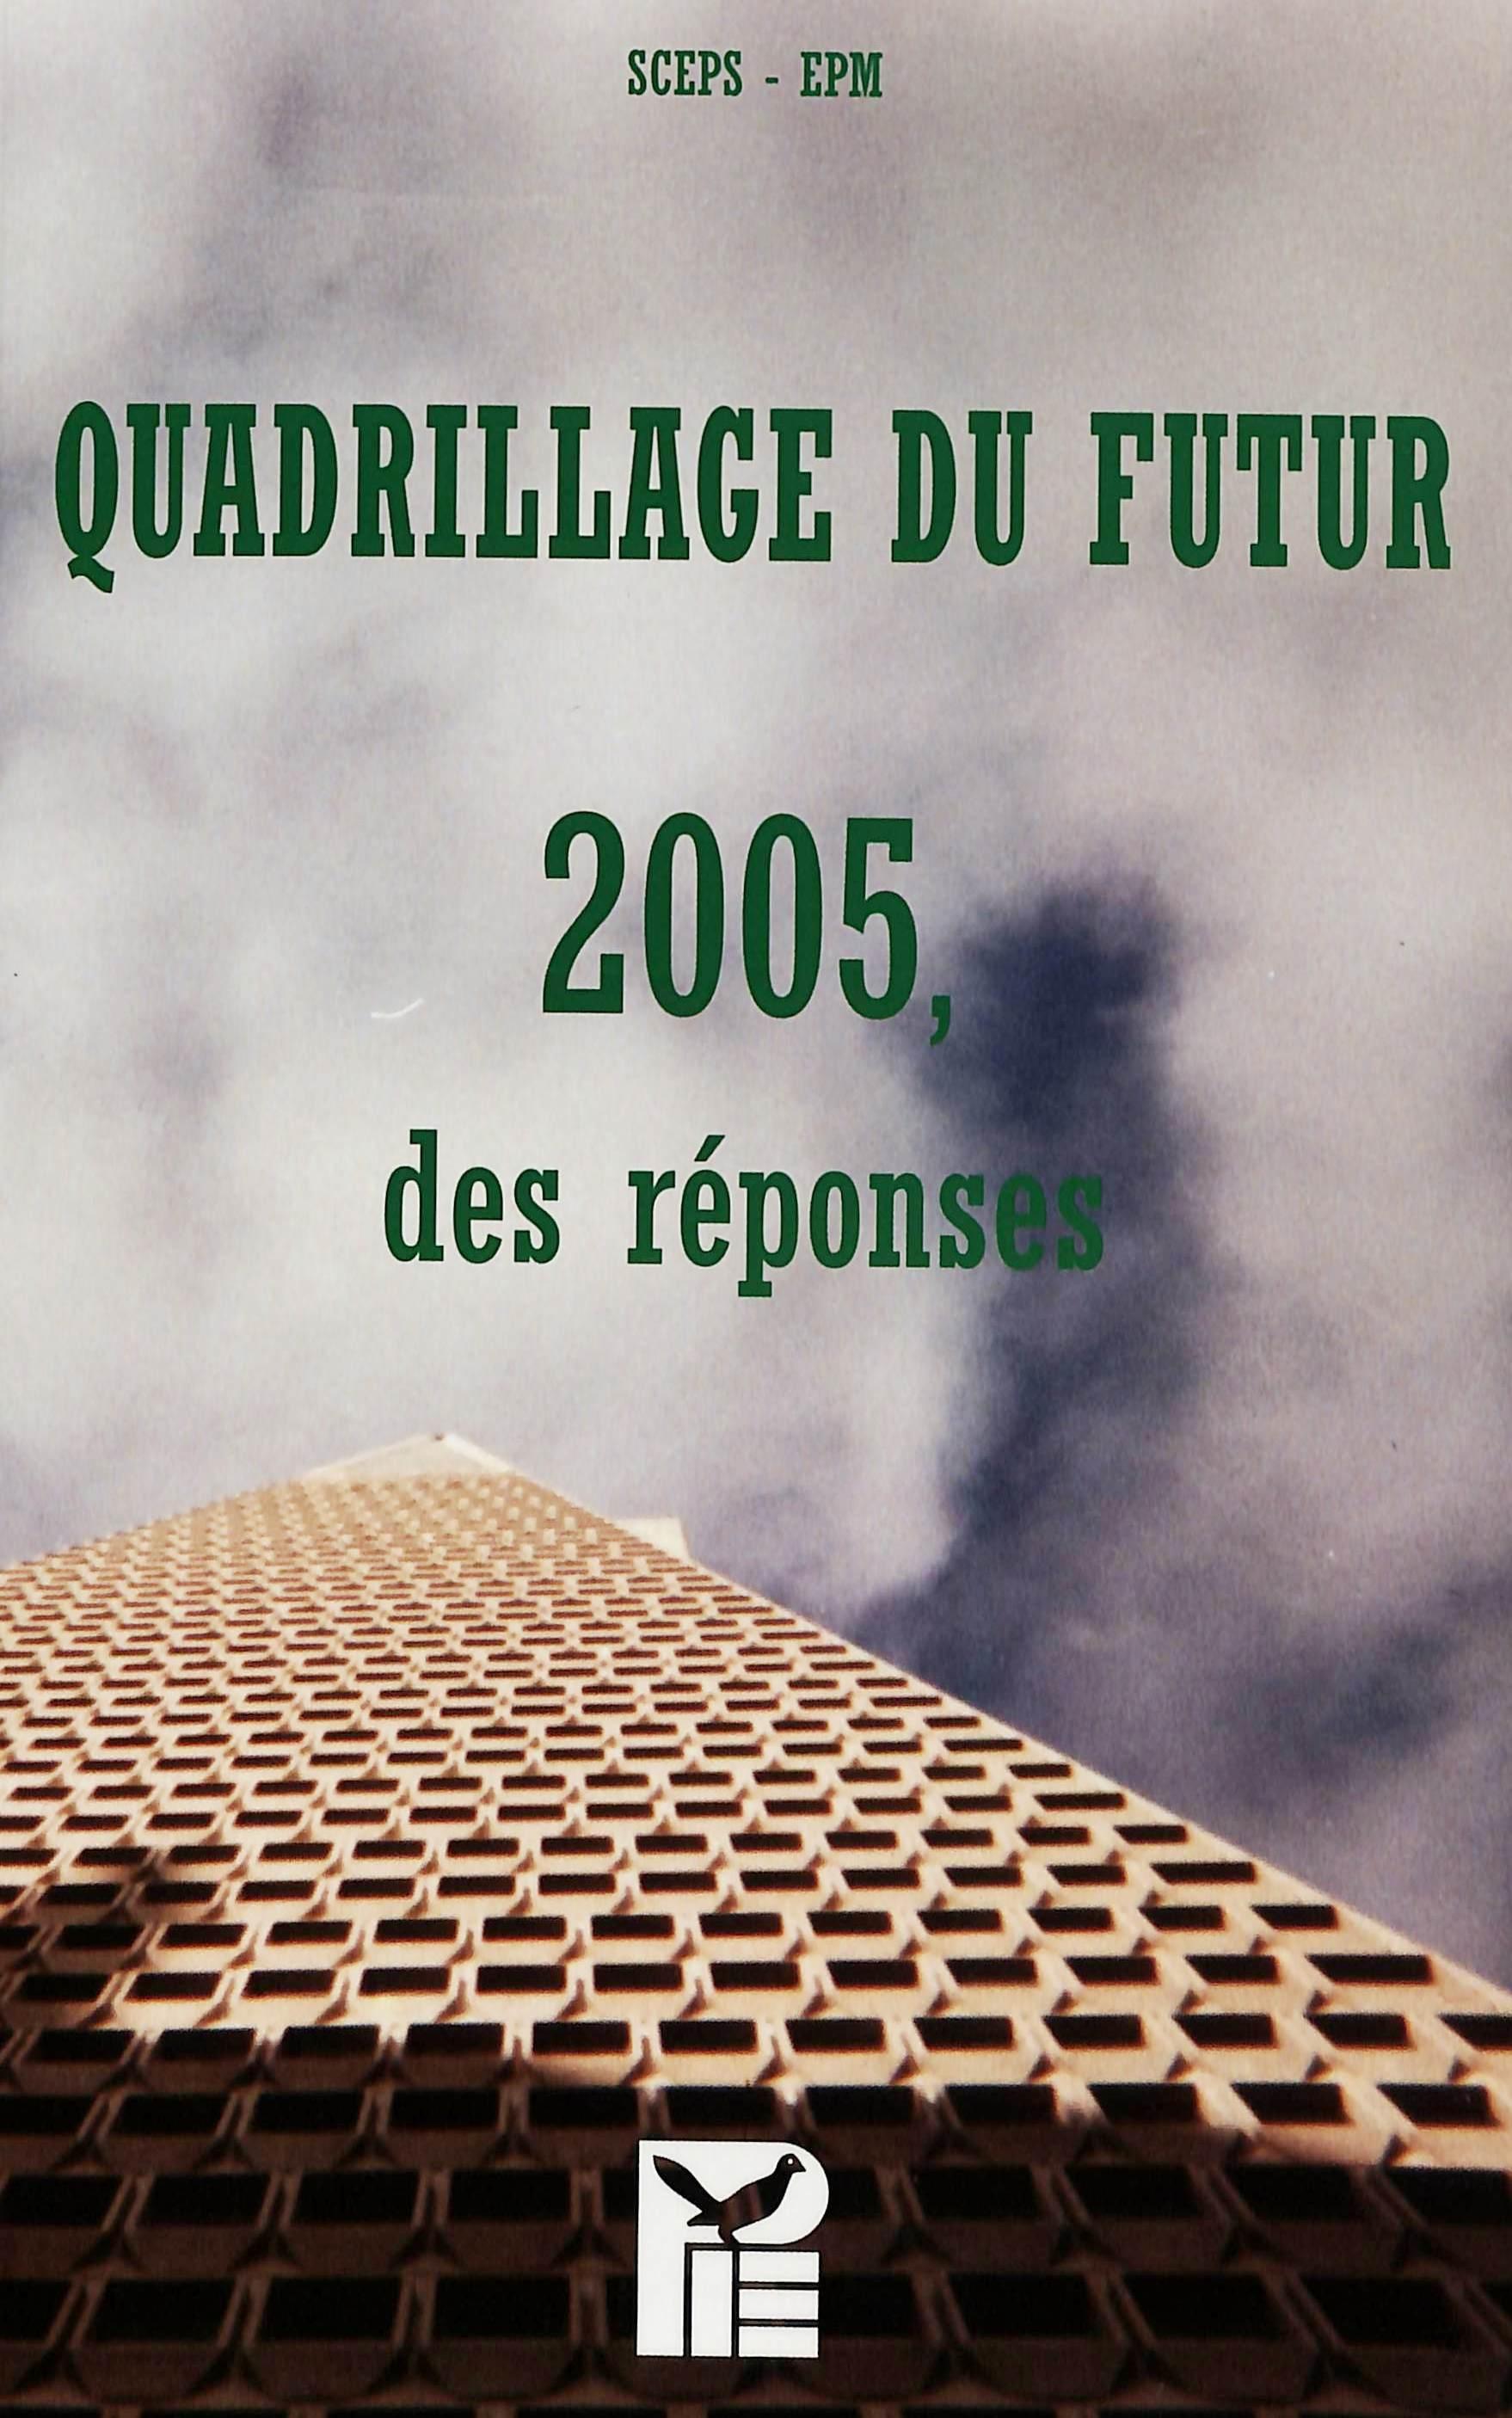 QUADRILLAGE DU FUTUR 2005 DES REPONSES